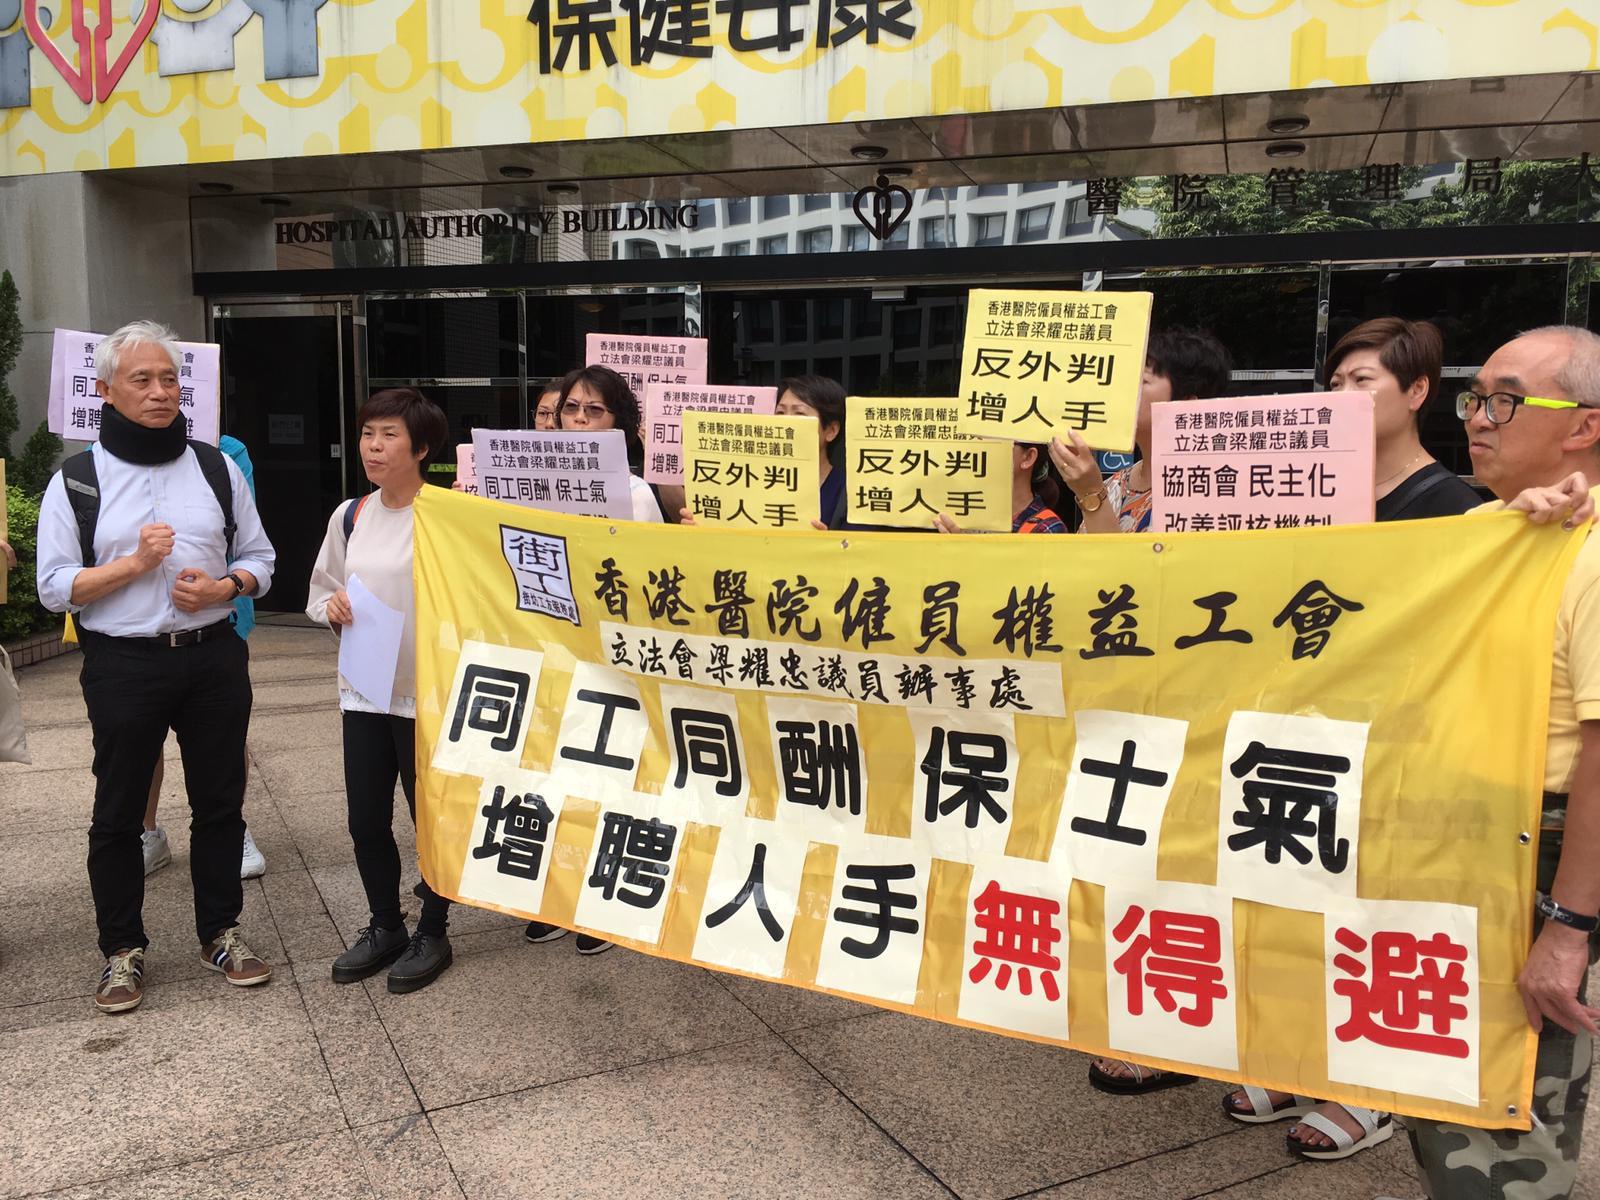 香港醫院僱員權益工會今日跟醫管局代表會面,要求當局劃一支援職級同工薪酬待遇。